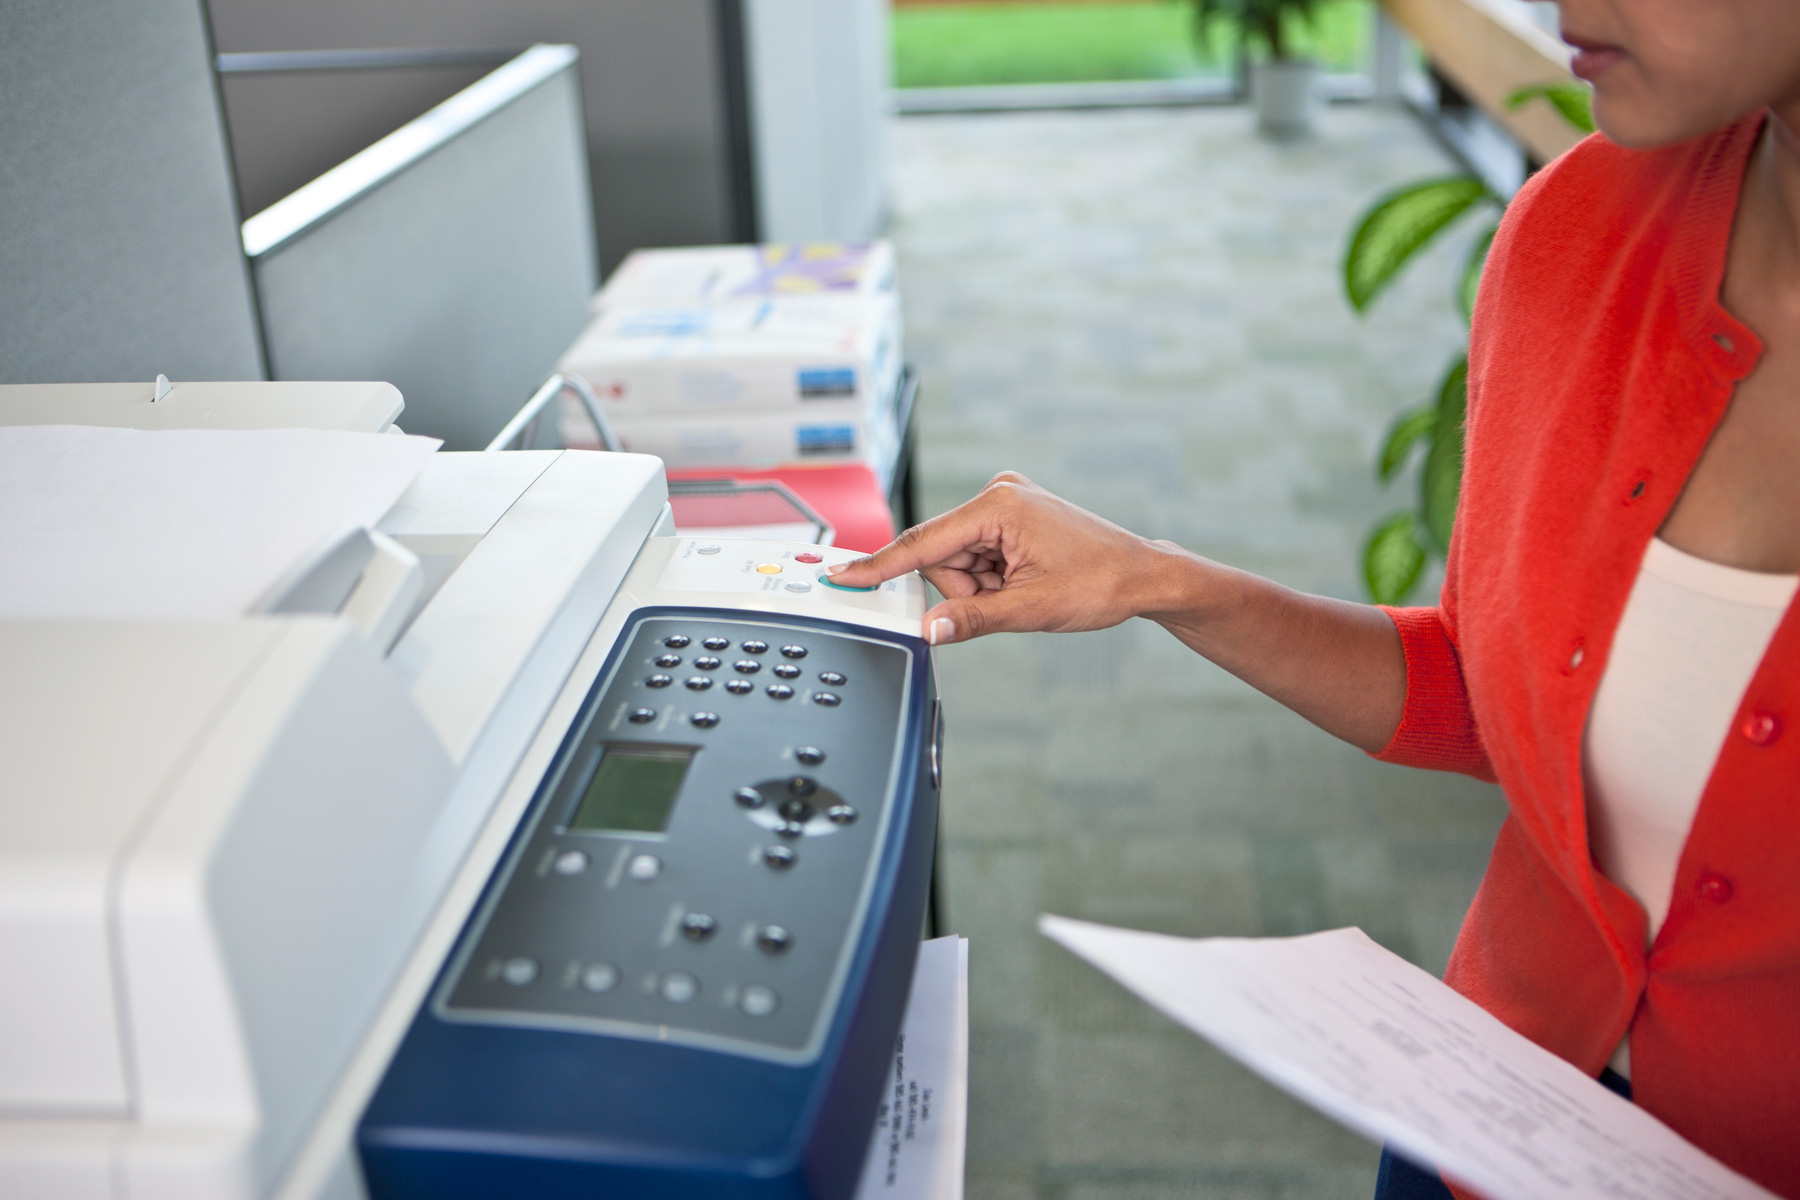 office-printer-xerox.jpg